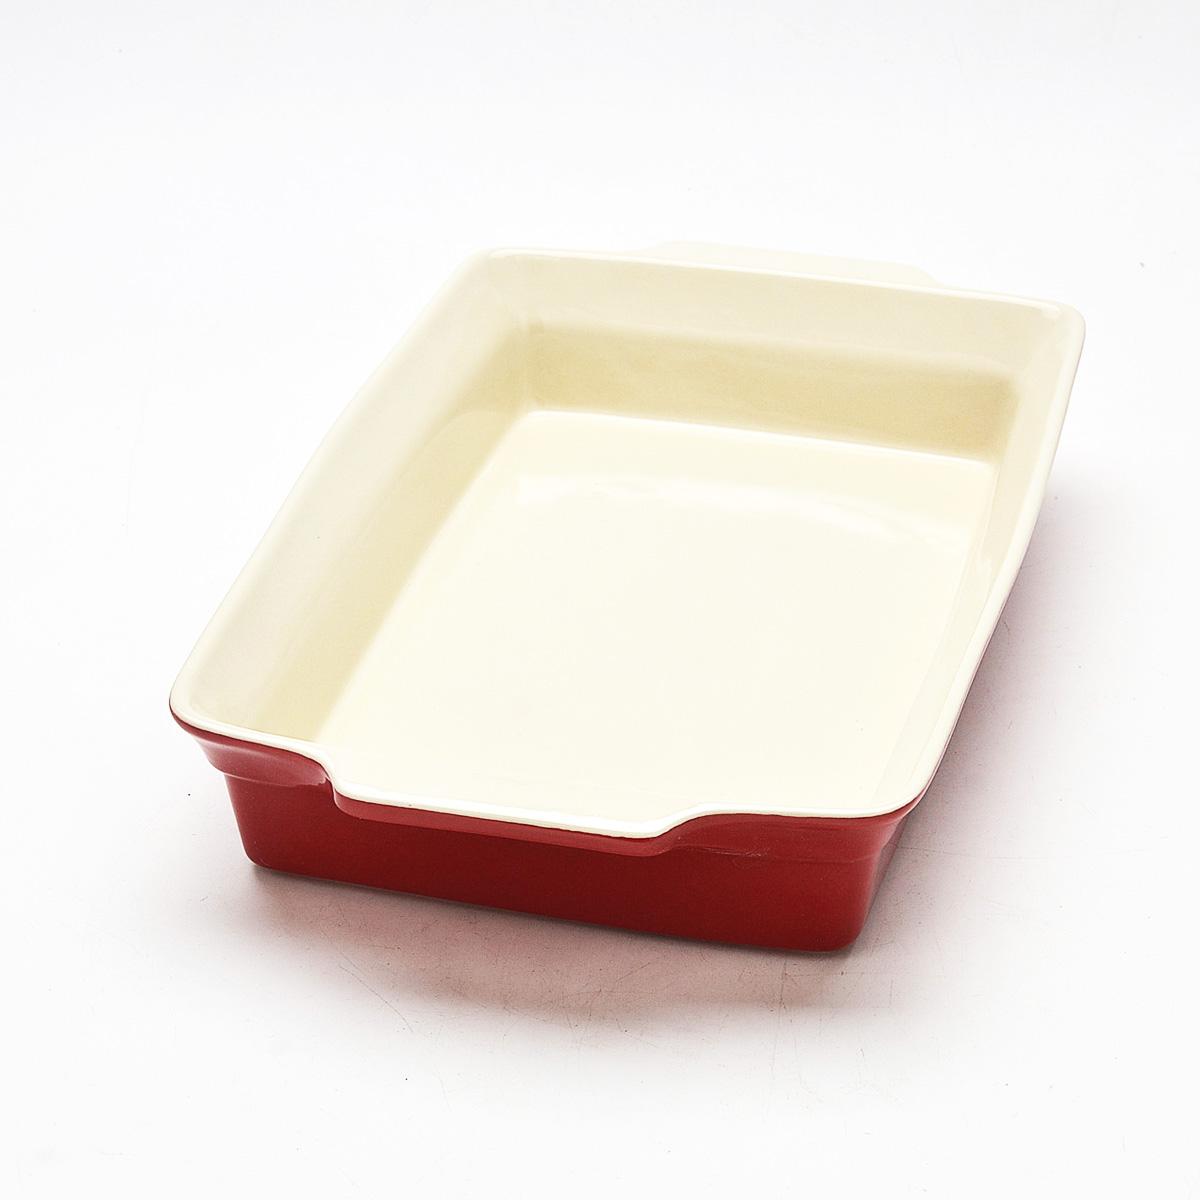 Противень Mayer & Boch, прямоугольный, 38,2 см х 23 см. 2181221812Противень Mayer & Boch изготовлен из высококачественной керамики. Керамика не содержит вредных примесей ПФОК, что способствует здоровому и экологичному приготовлению пищи. Незаменимый атрибут для приготовления запеканок, всевозможных блюд из мяса и овощей, а также выпечки из теста и изысканных кондитерских блюд. Противень оснащен удобными глиняными ручками. Подходит для чистки в посудомоечной машине. Не применять абразивные чистящие средства. Не использовать жесткие щетки.